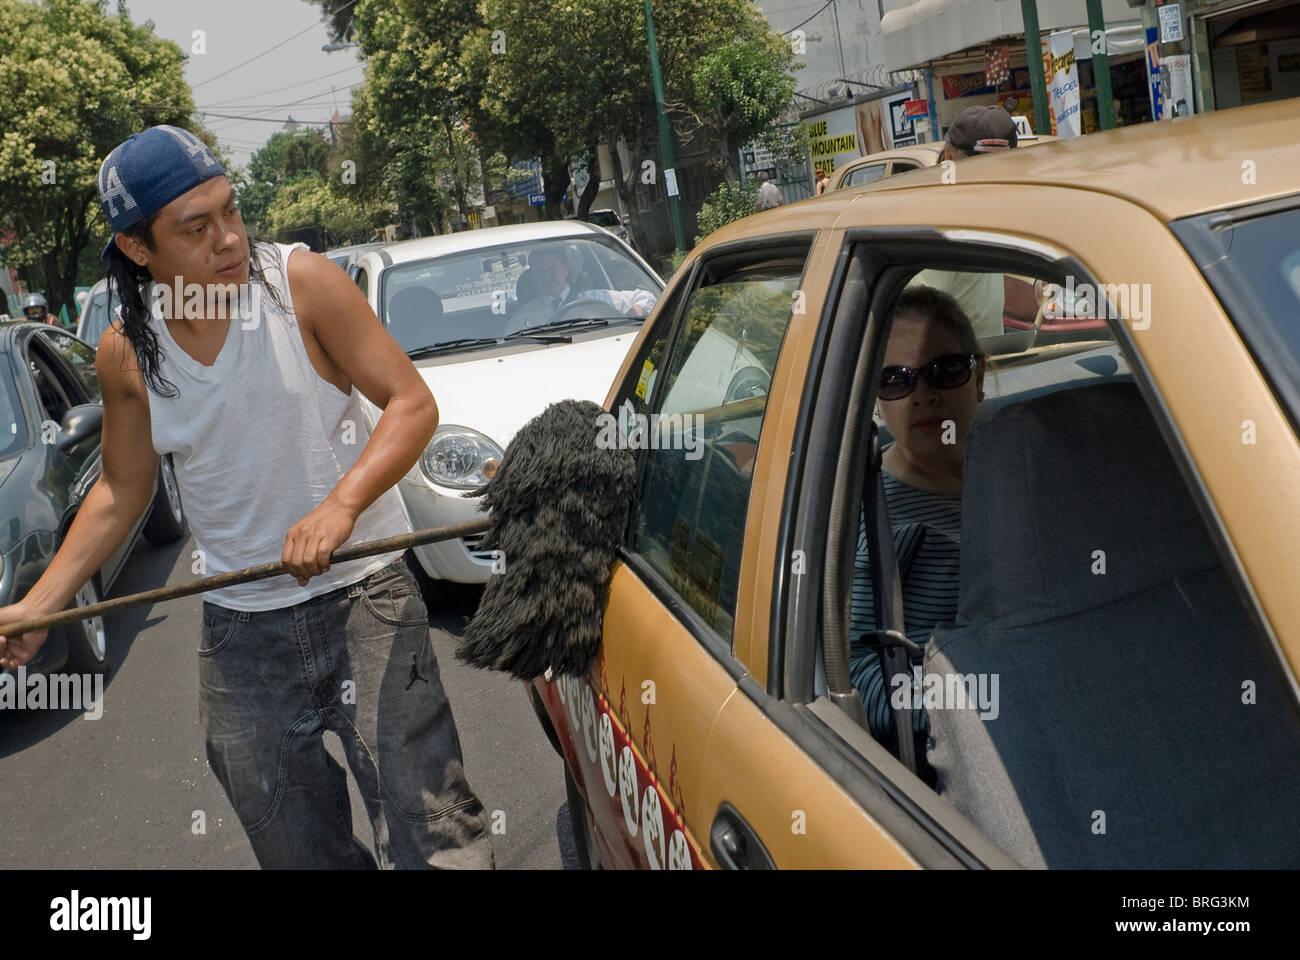 La calle sigue siendo el último refugio de los desempleados, como estos para dustmop limpiadores de automóviles Imagen De Stock